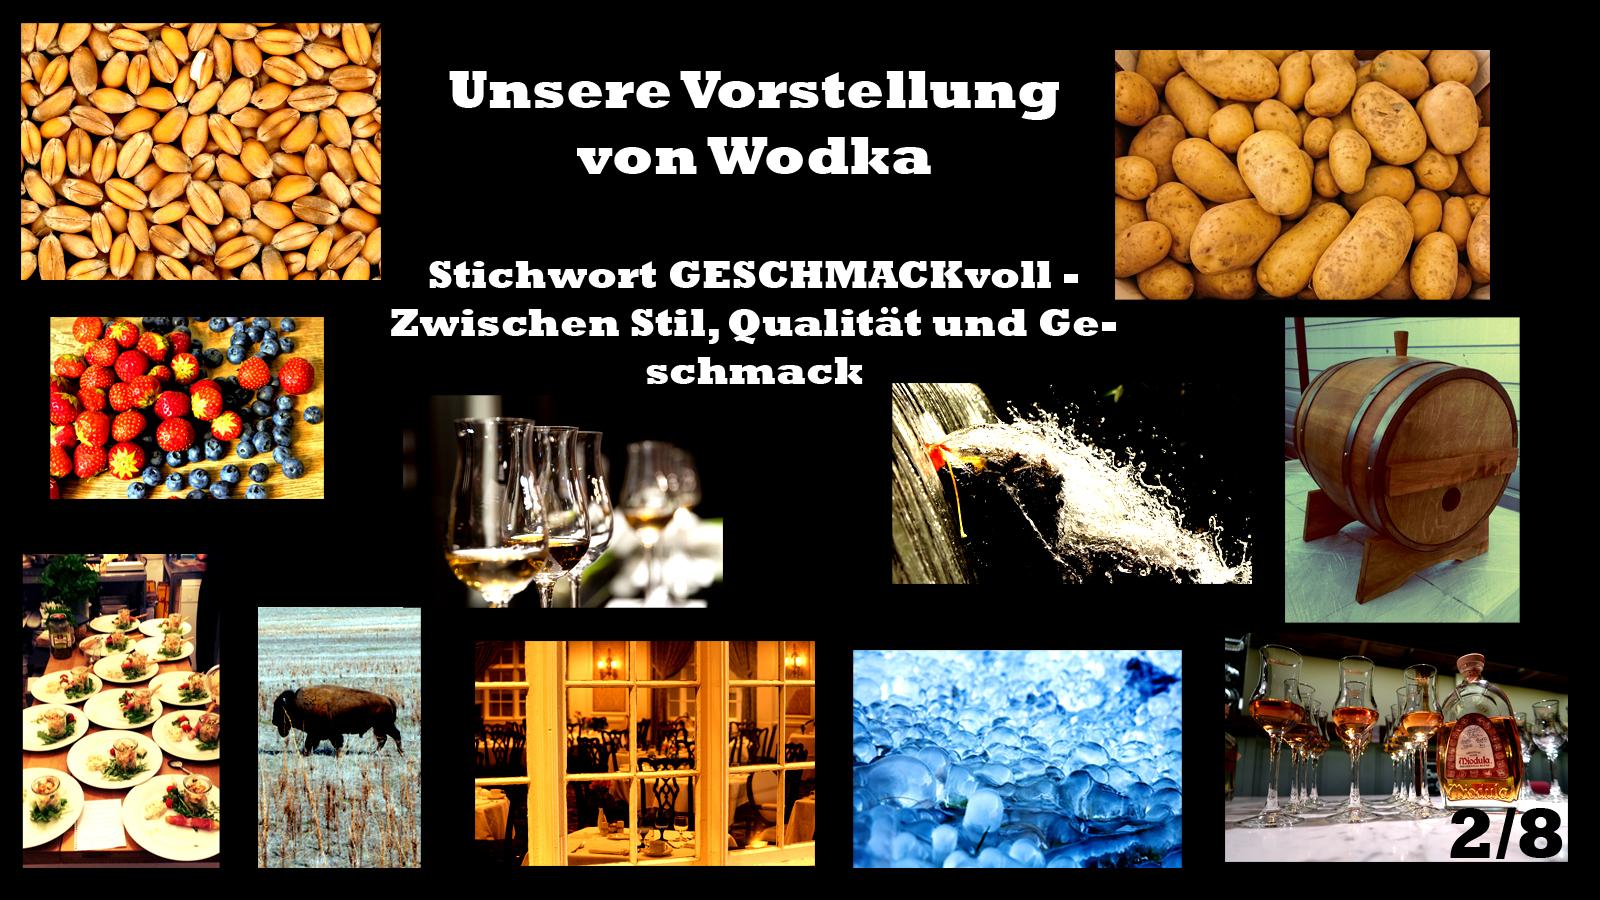 Wodka Please Jubiläum Polnischer Wodka Wodka Please